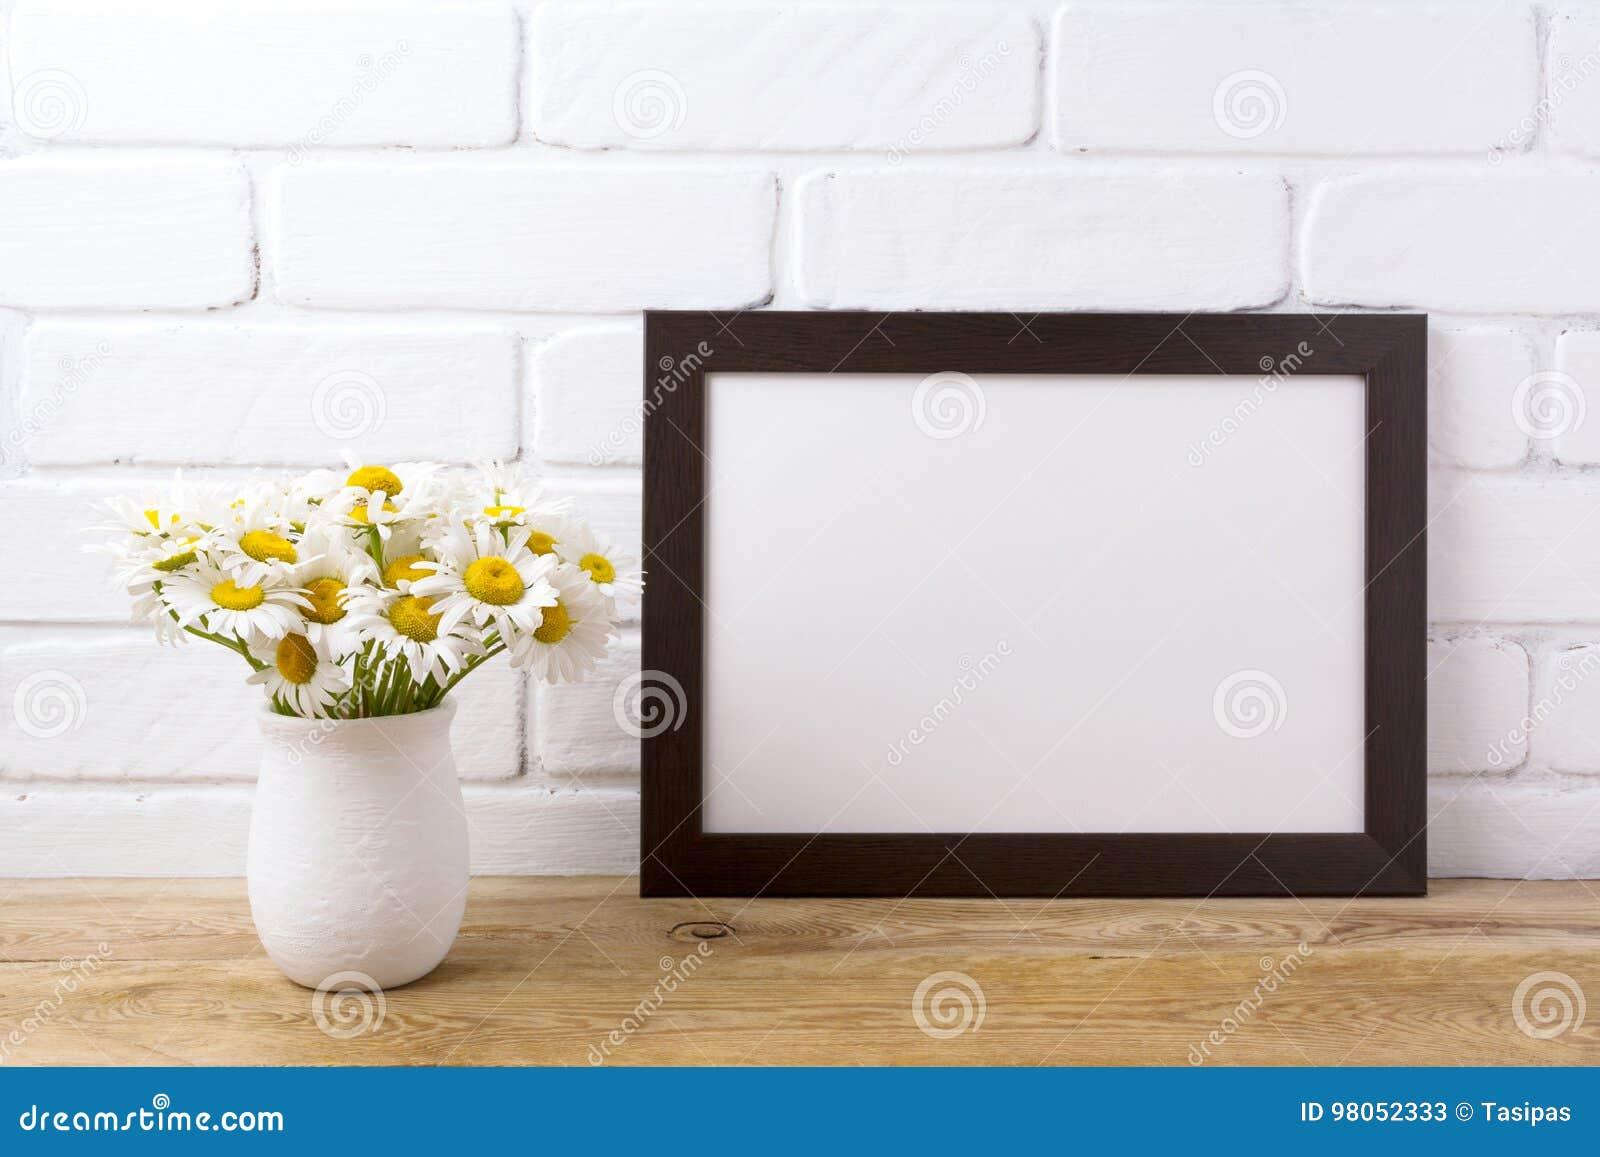 与春黄菊花束的黑棕色风景框架大模型在ru